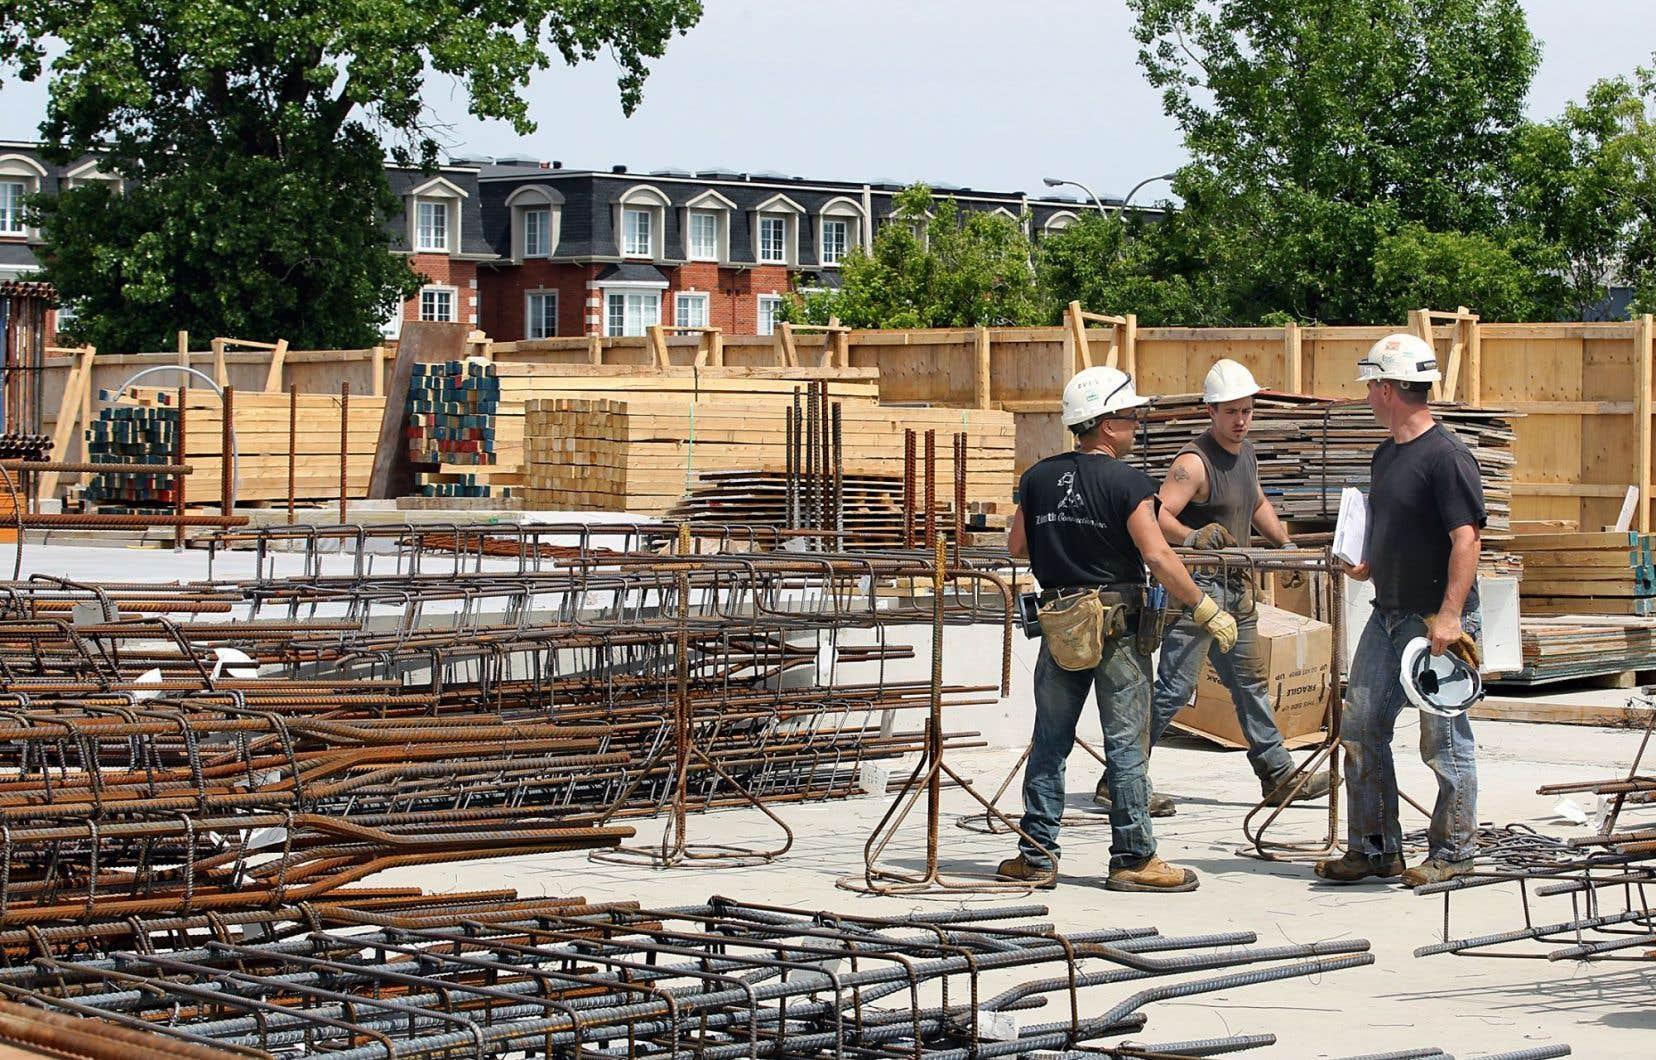 La Ville de Montréal suggère que les projets de plus de 200 unités contiennent 15% de logements abordables et 15% de logements sociaux. Le Plateau-Mont-Royal élargit l'application de la règle aux logements de plus de cinq unités qui nécessitent un changement de zonage.